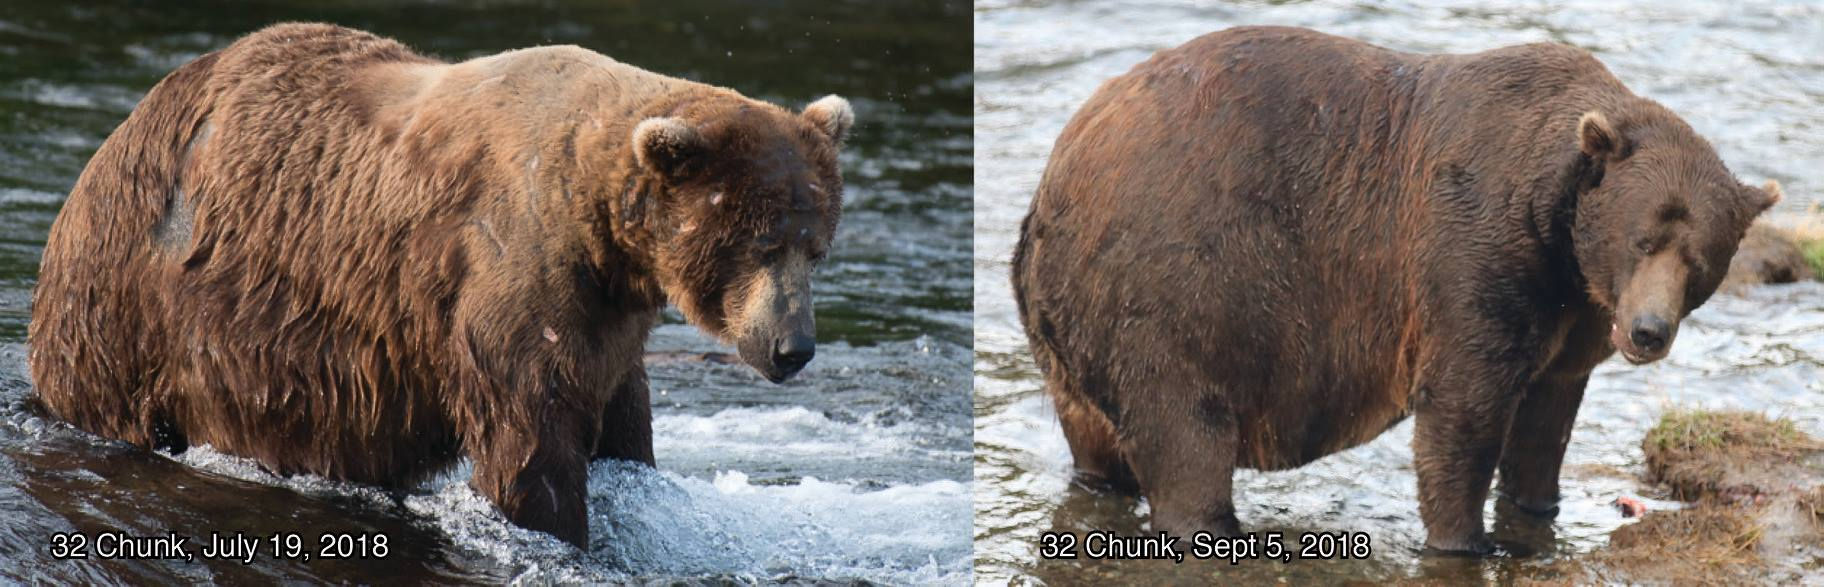 жирные медведи аляски самый жирный медведь фото отвратительные мужики disgusting men